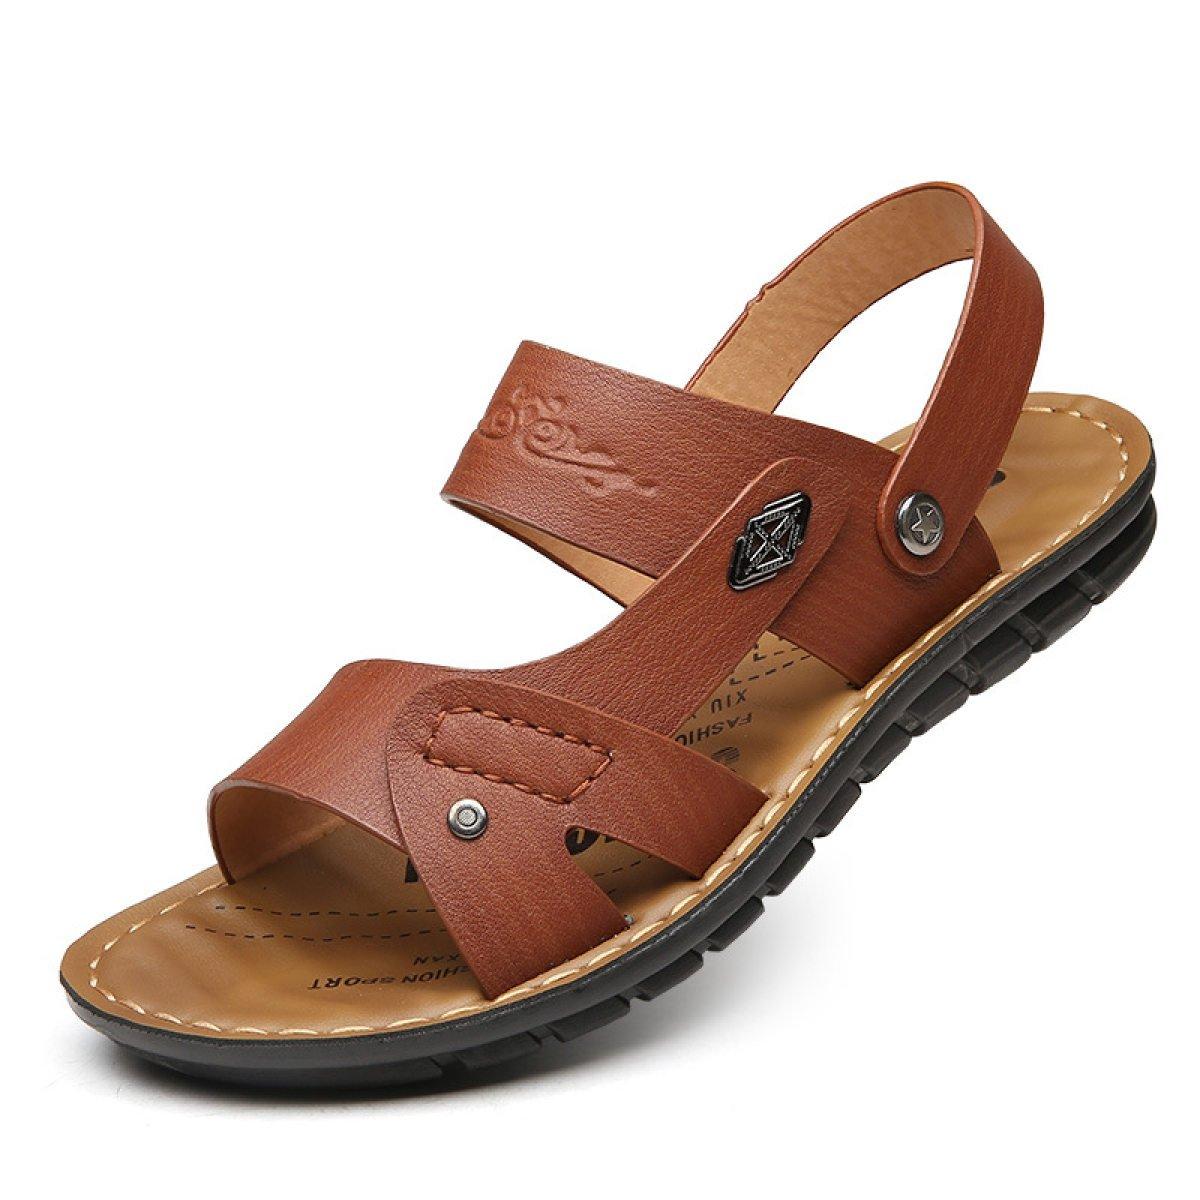 LYZGF Sandalias De Playa Peep-Toe De La Juventud De Los Hombres Zapatillas De Moda Respirables Dos Desgaste 44 EU|Brown